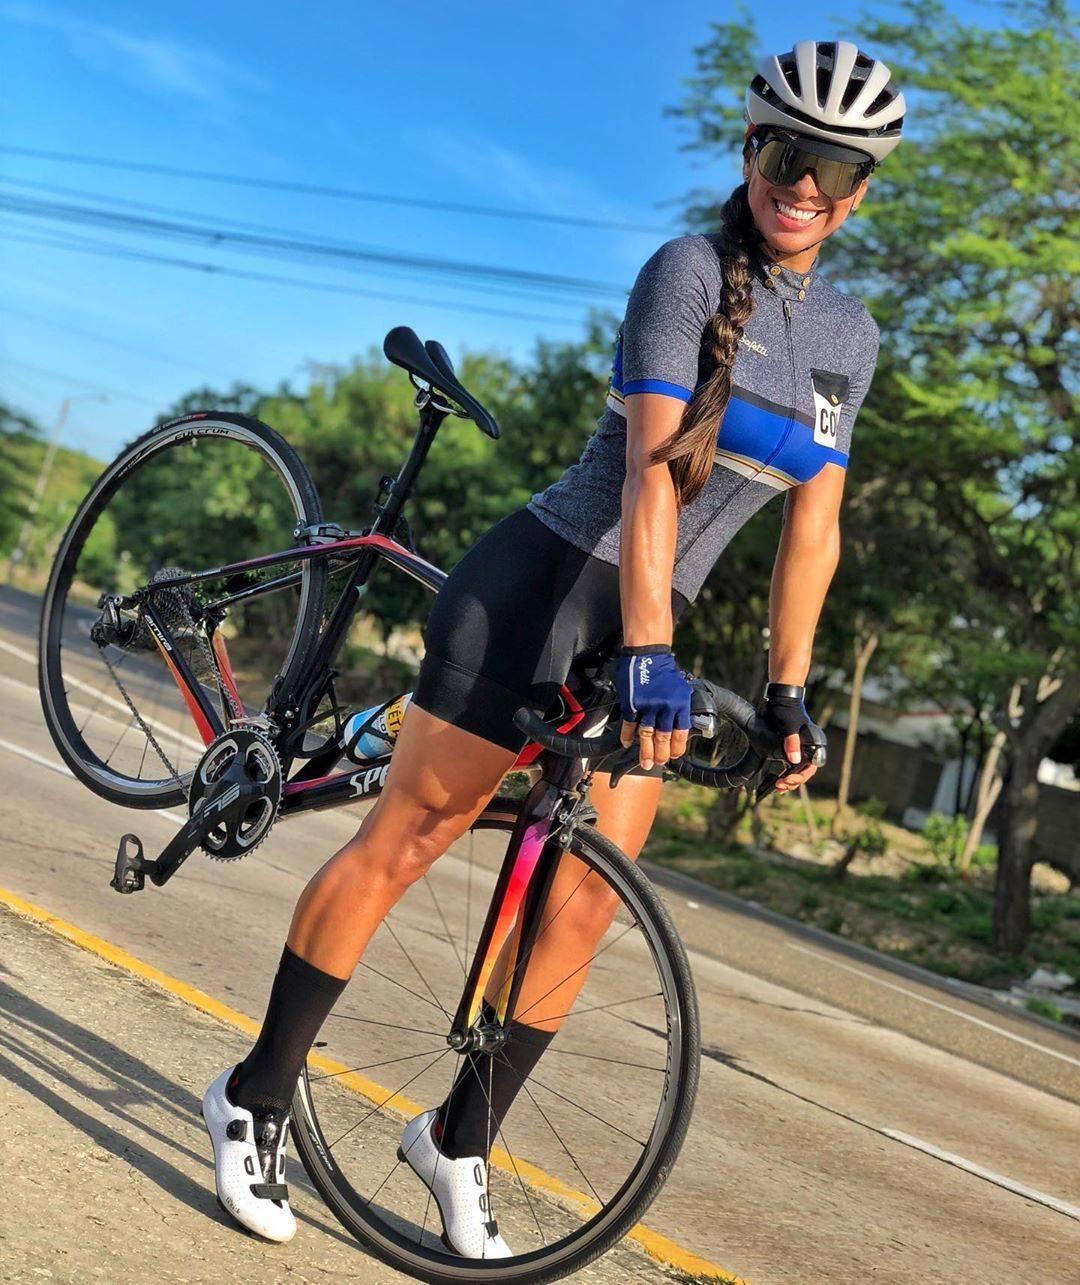 Велосипед как хобби. история из жизни